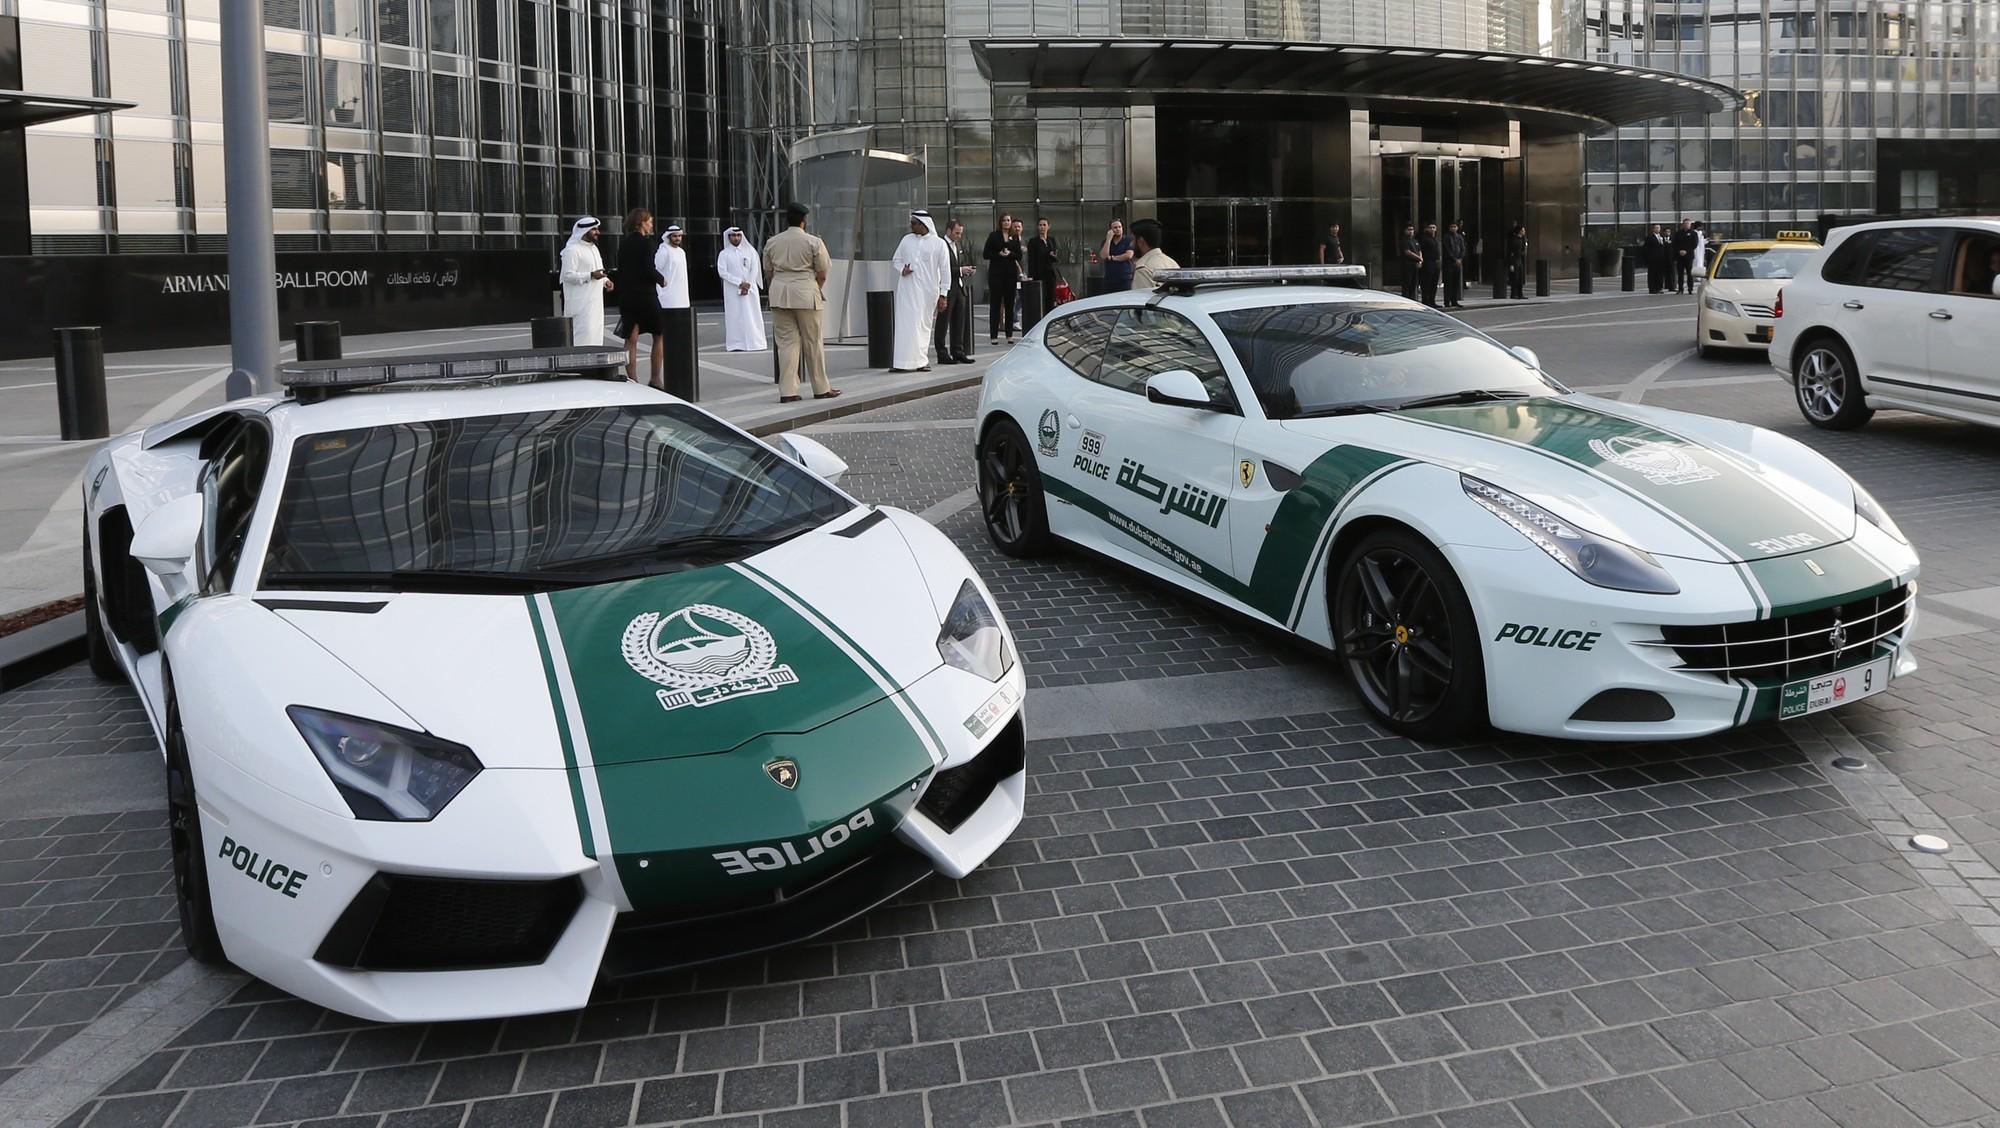 Nóng mắt với độ thượng lưu của cảnh sát Dubai: Tuần tra bằng xe bay 3,5 tỷ hóng gió cho mát - Ảnh 4.